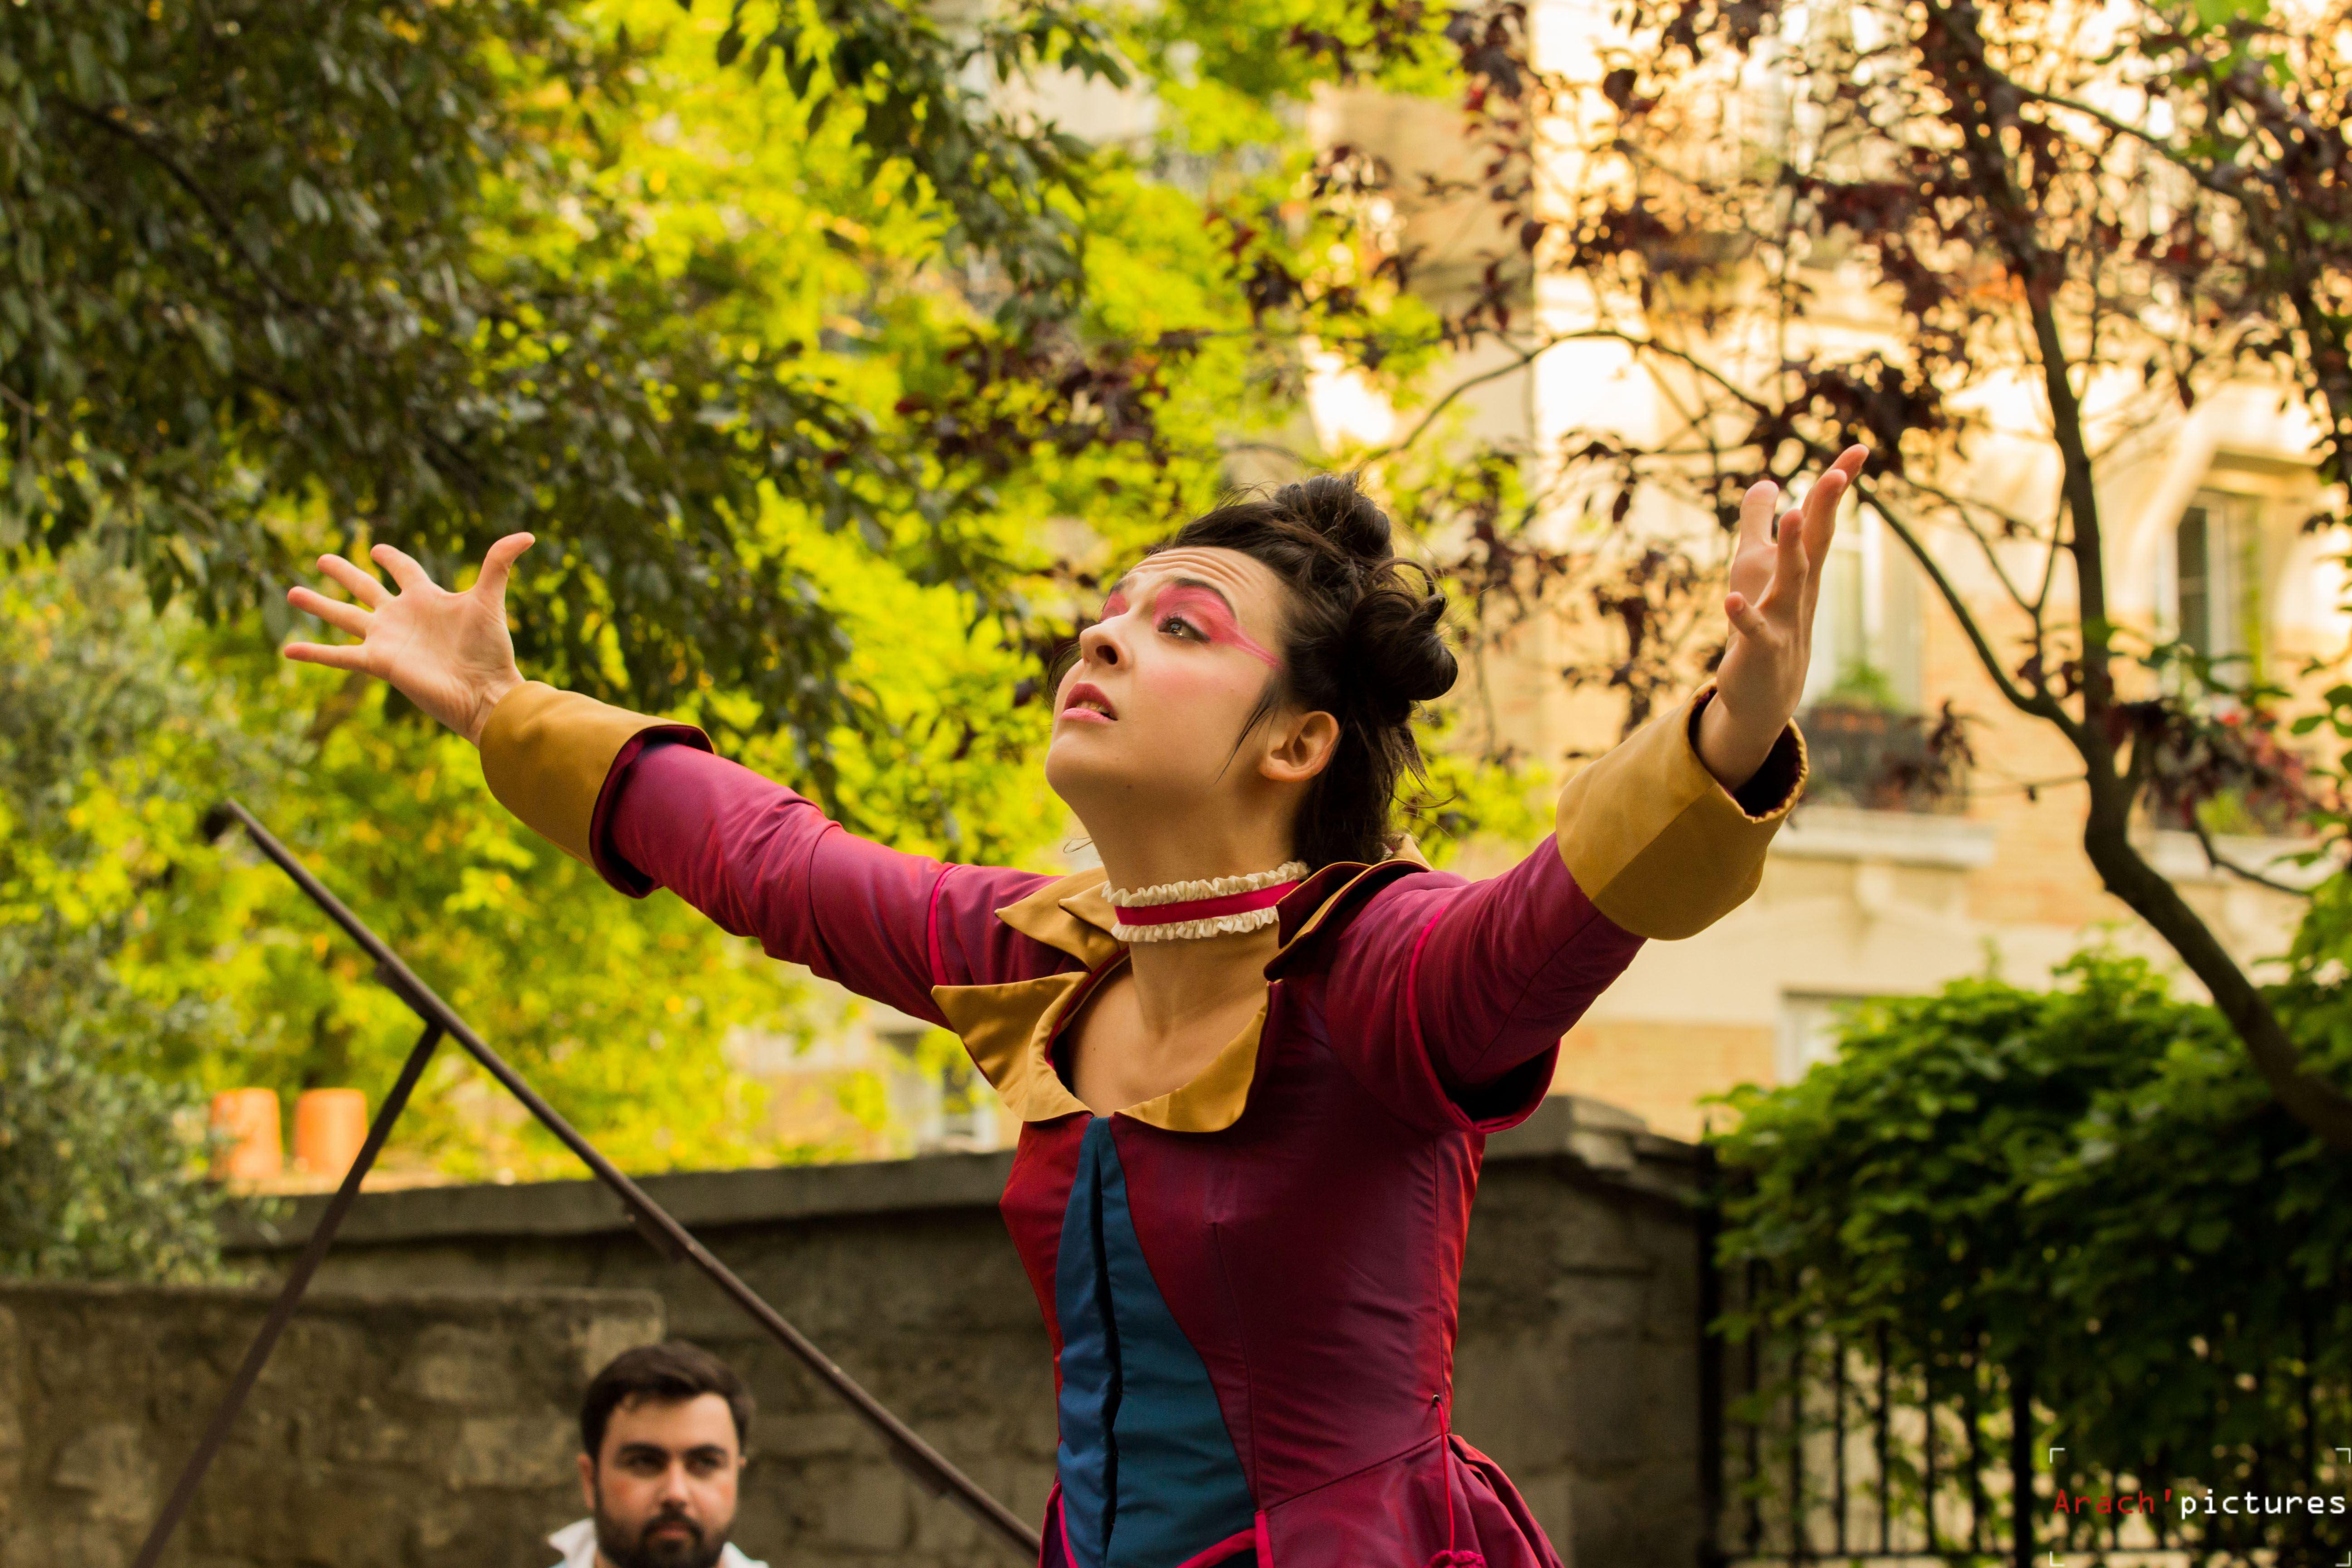 Les-Femmes-Savantes-Arenes-de-Montmartre-Belise